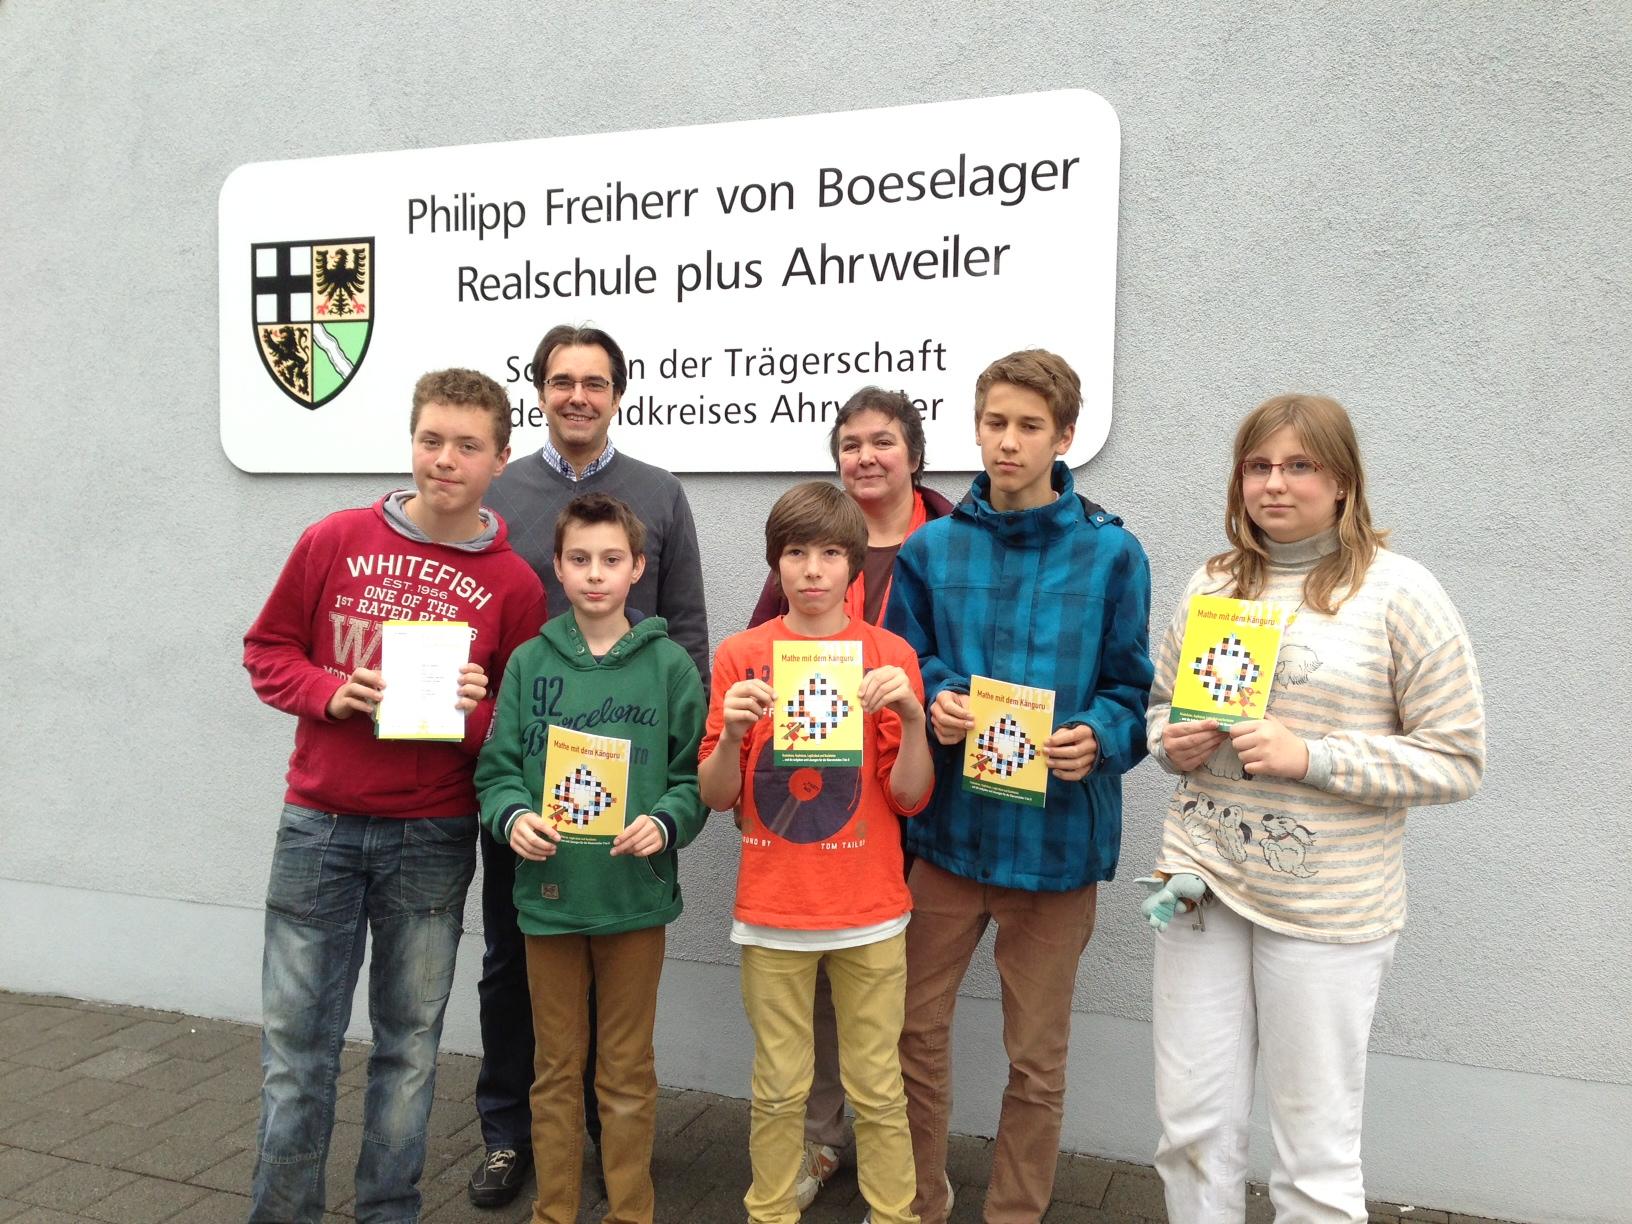 Schulleiter Klaus Dünker und die Vertreterin der Fachschaft Mathematik ehrten die Schüler Benedict Arzdorf (5a), Phil Weiler (6a), Patrick Oehrle (7e), Sarah Ellinger (8a) und Paul Selbach (8b)